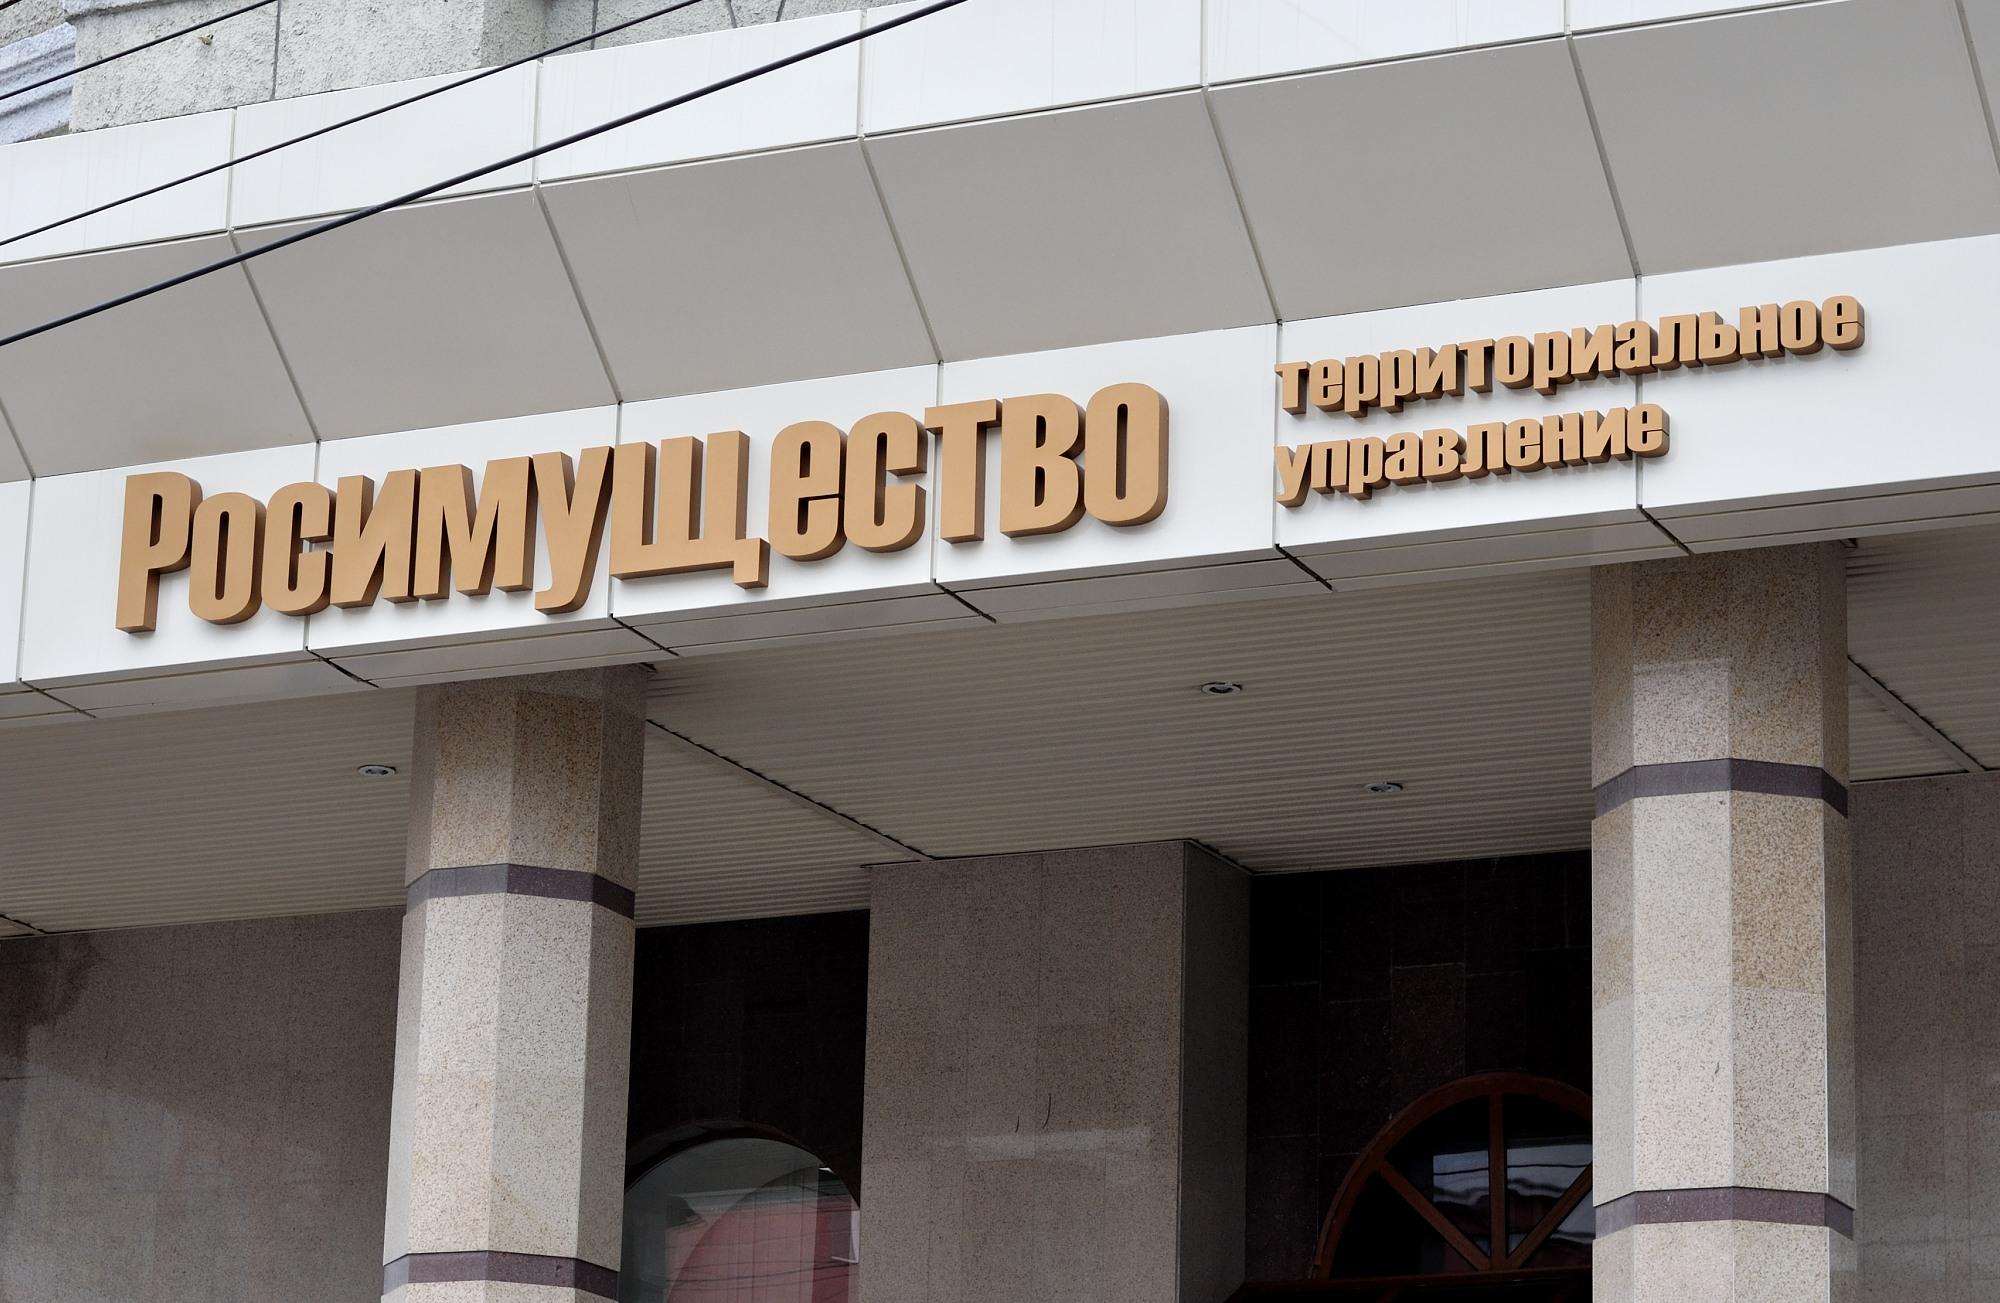 Объемные буквы в Новосибирске